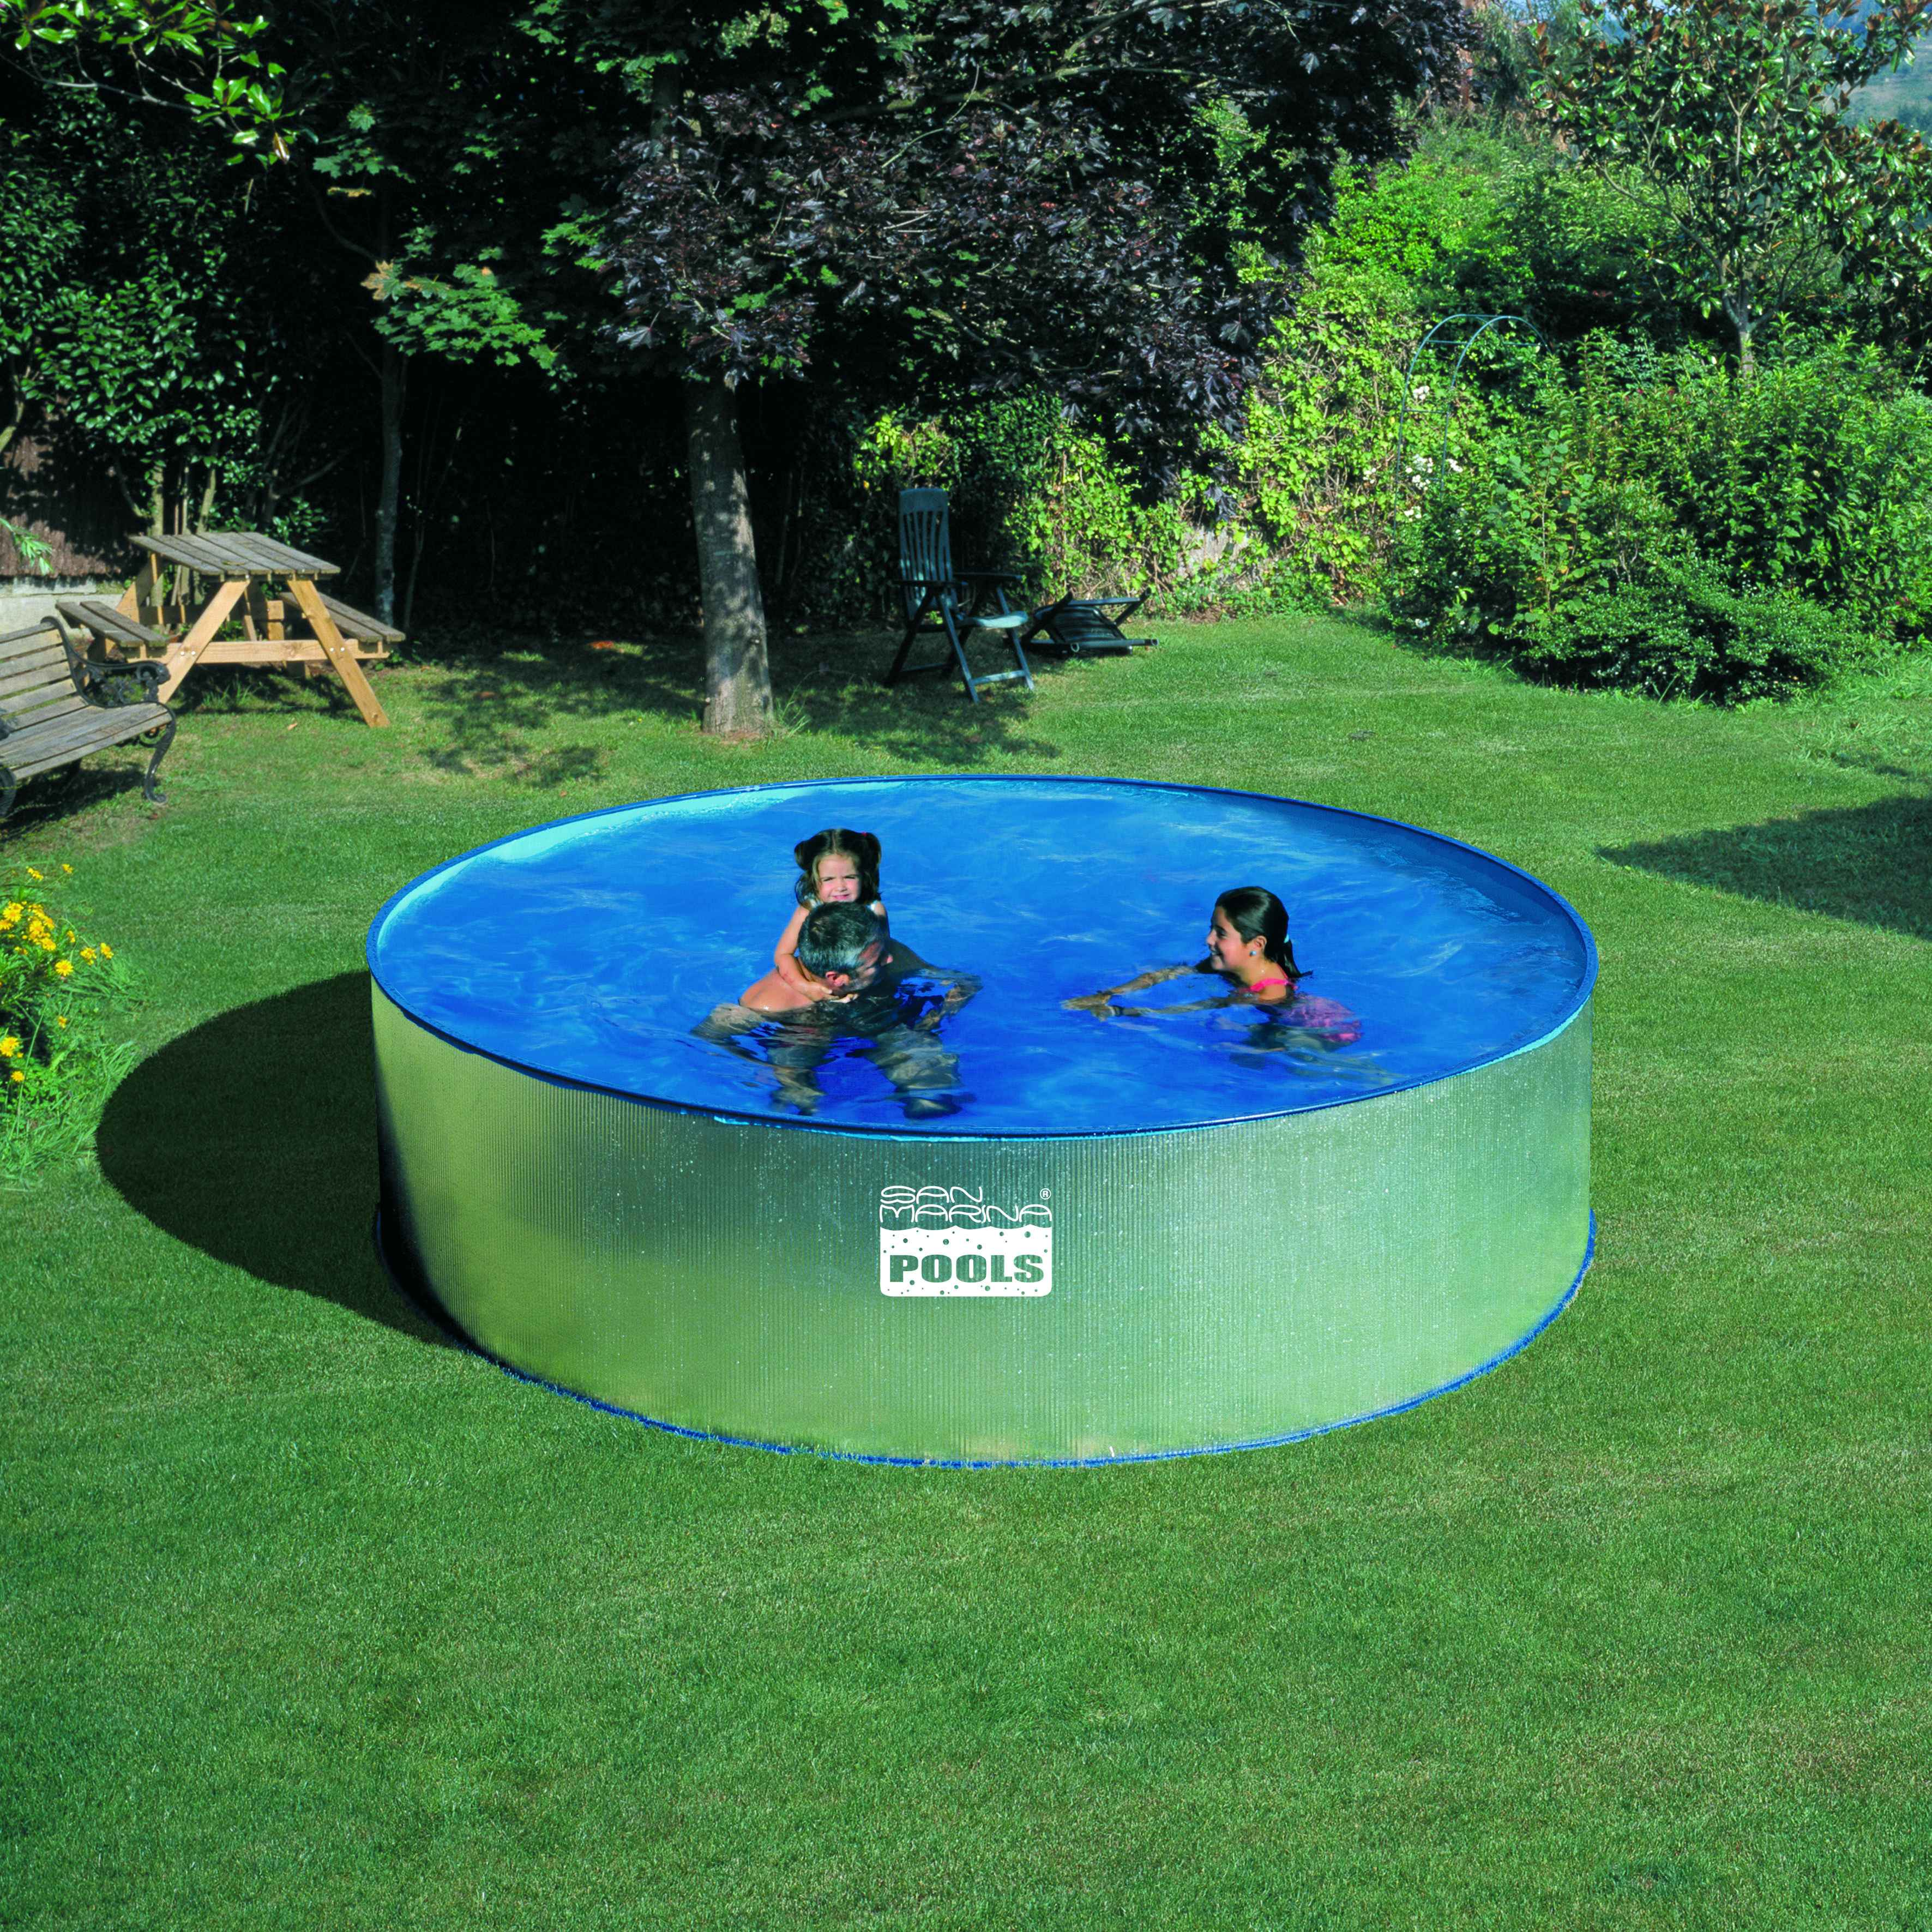 Piscina fuori terra mallorca by gre piscina fuori terra guida all 39 acquisto a prezzi scontati - Piscina a terra ...